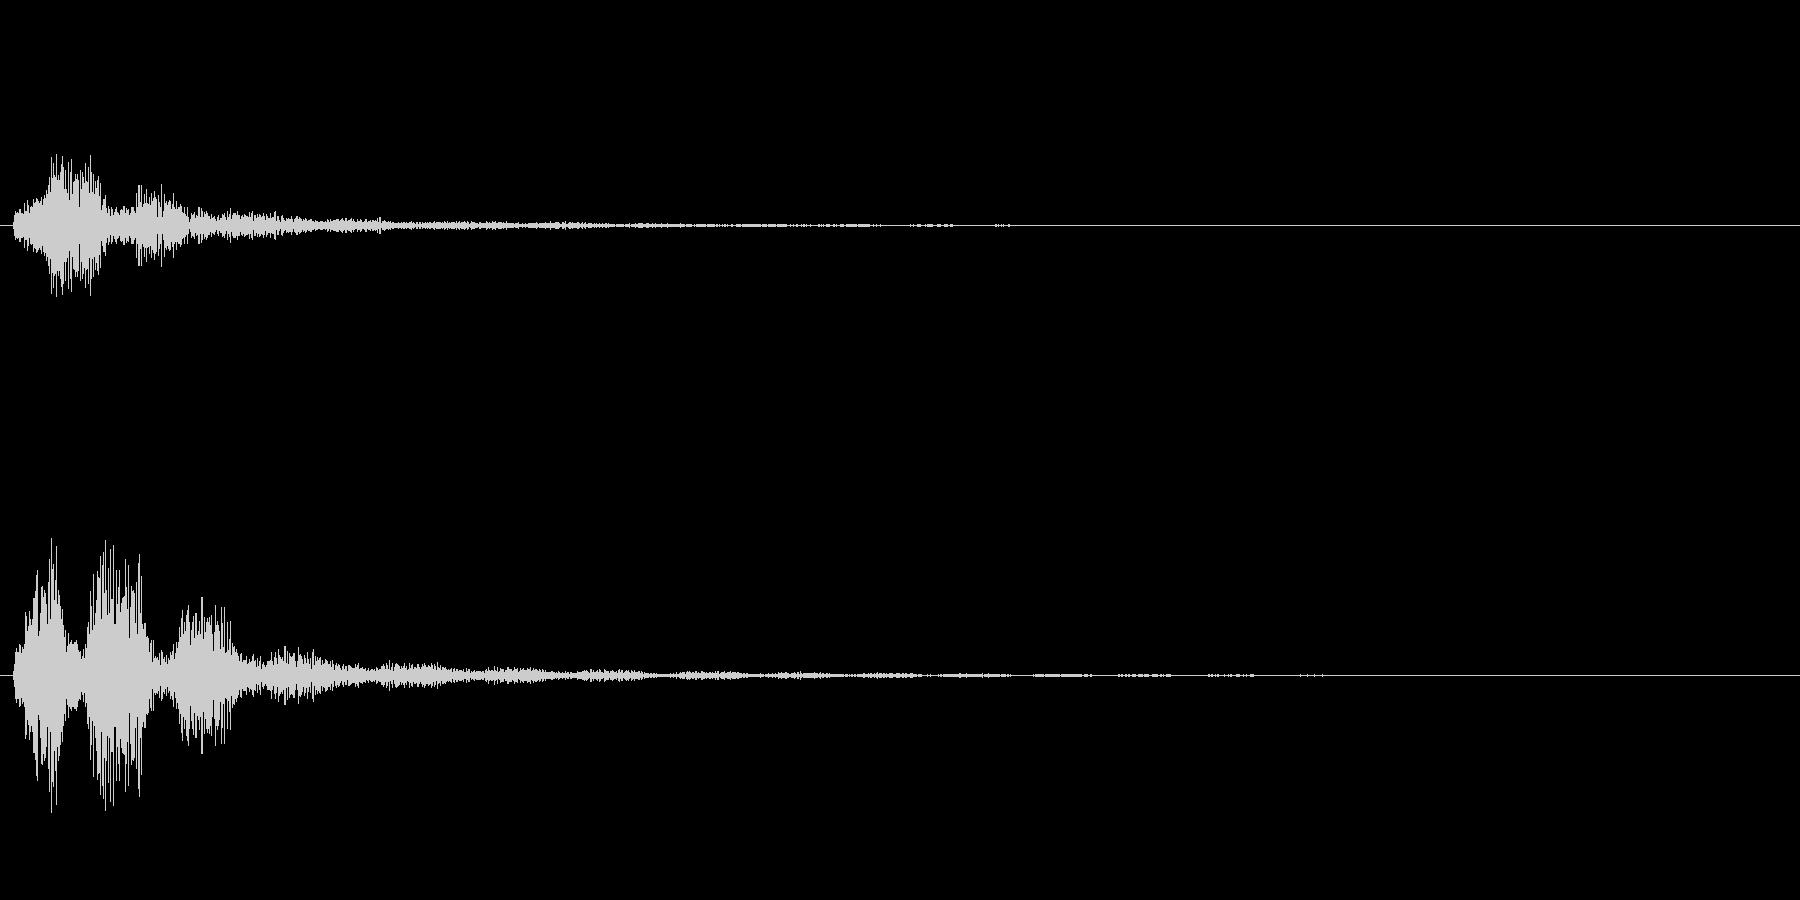 キラキラ系_065の未再生の波形